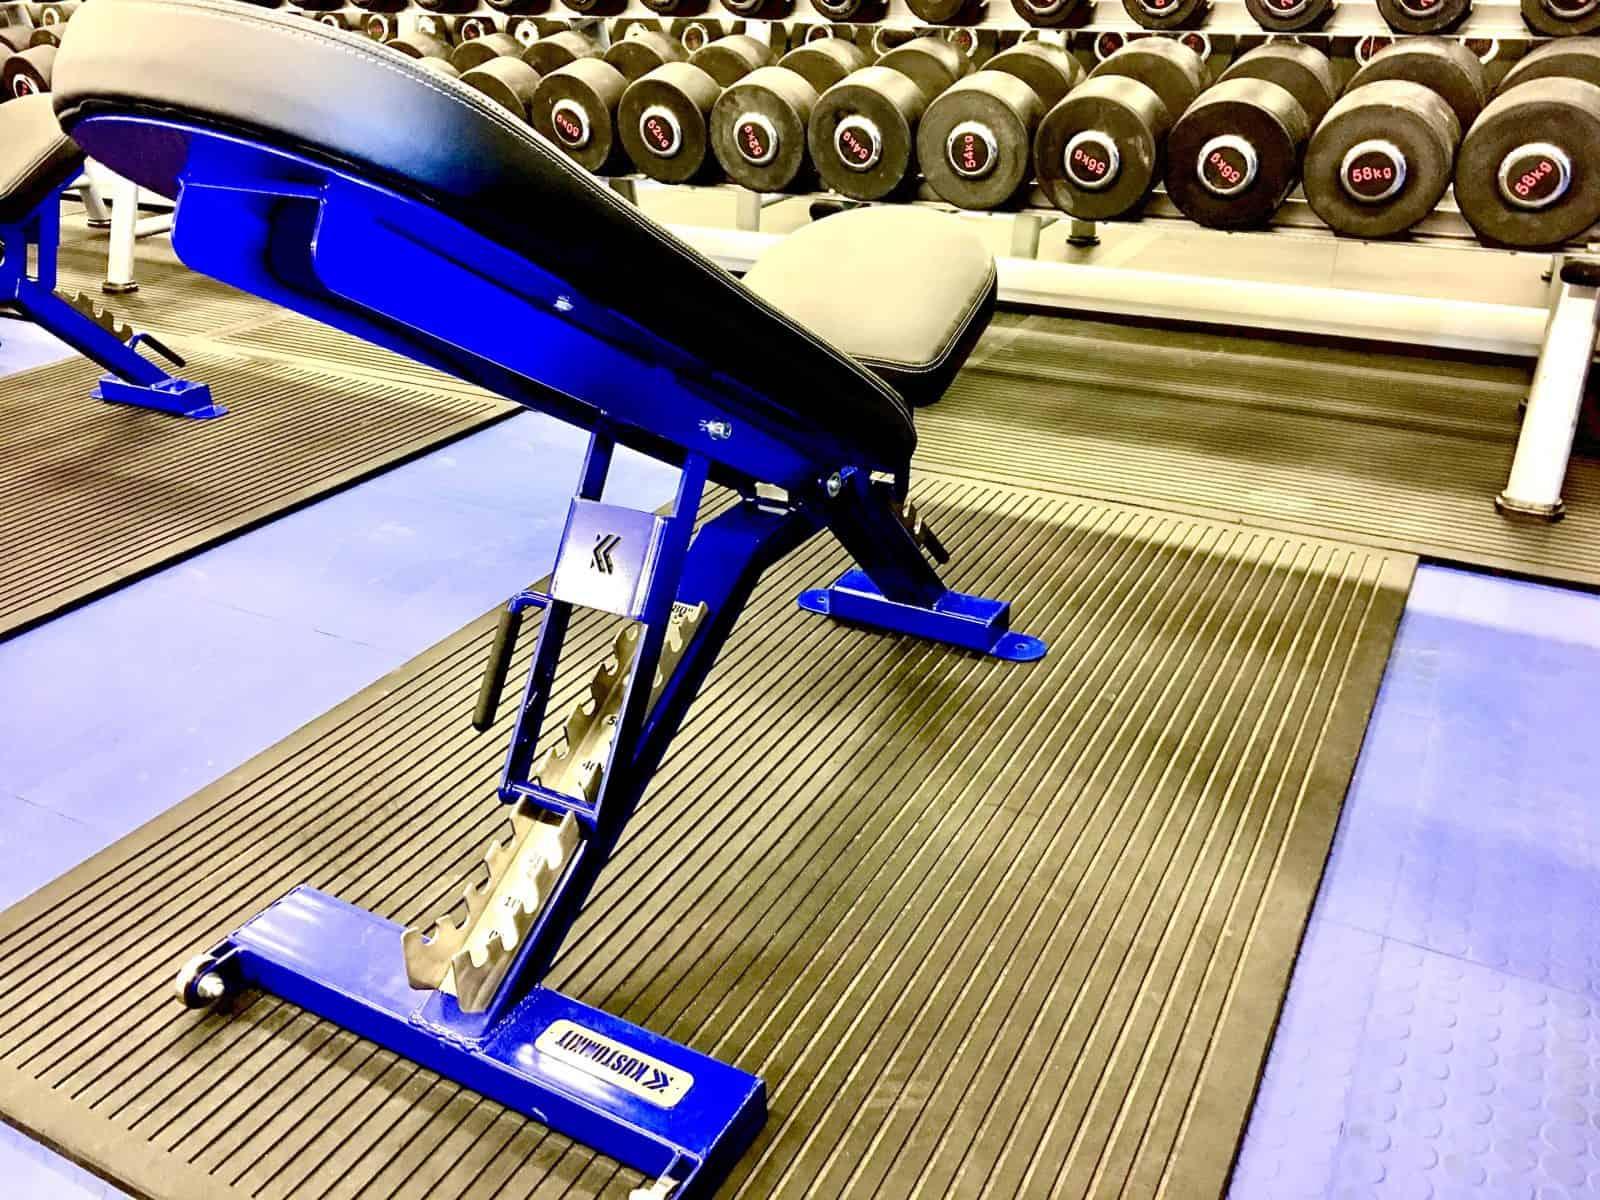 Fantastiske justerbare benker fra KustomKit. Lett å manøvrere selv om de er tunge og ultrasolide.